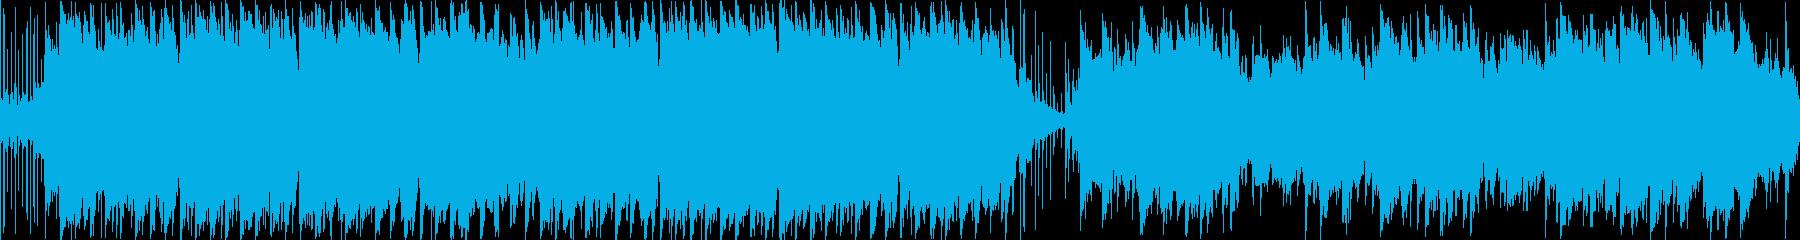 琴の音色が綺麗な和風バラードです。の再生済みの波形